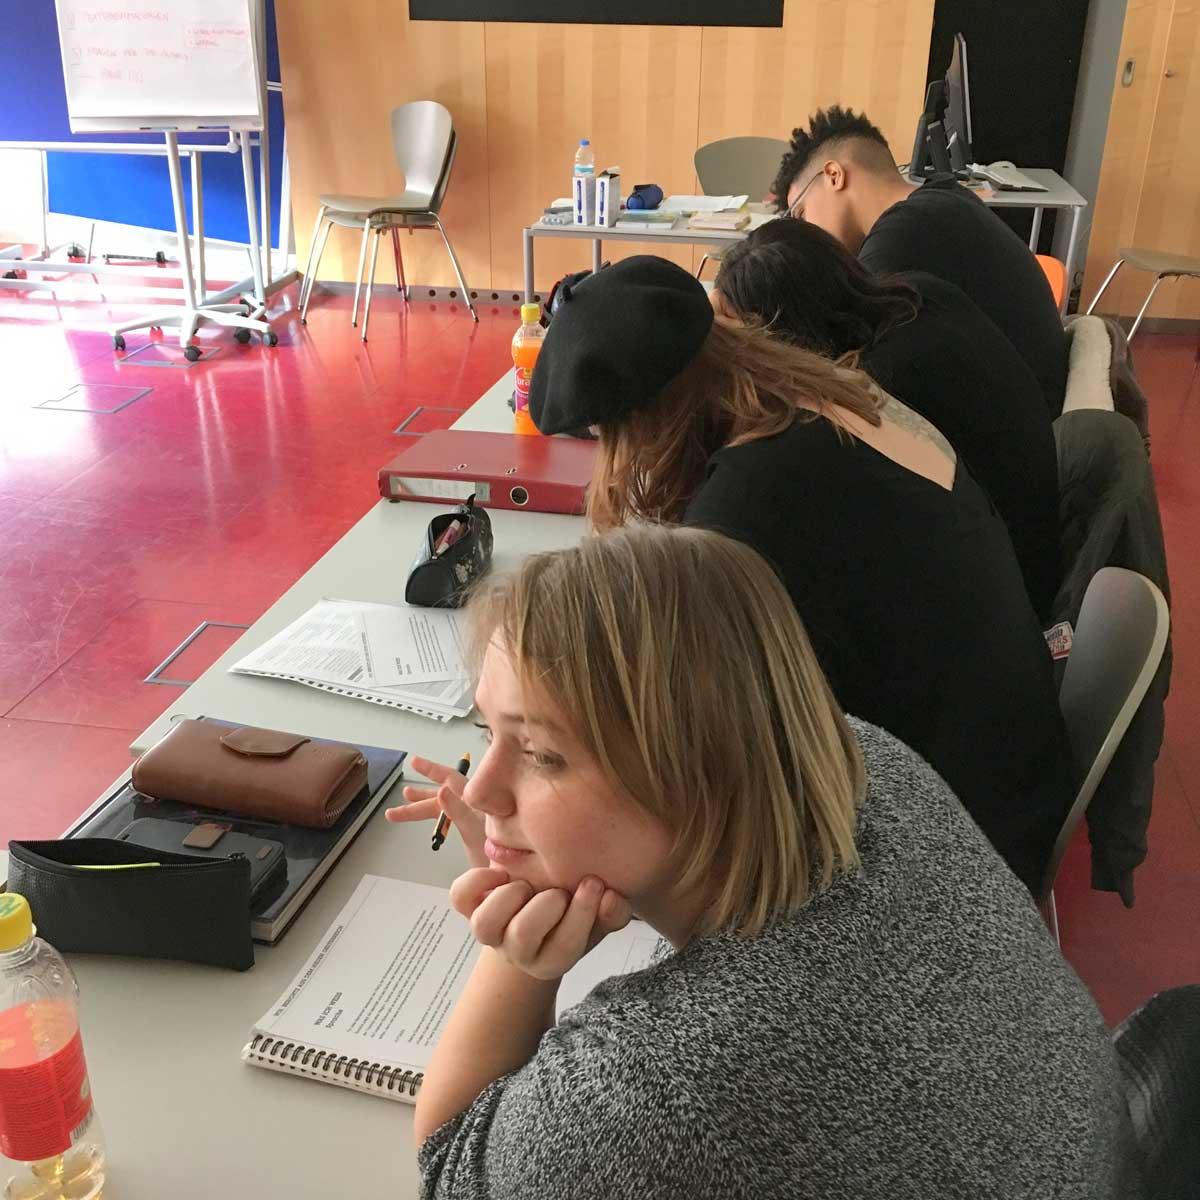 Lehrlinge der Berufsschule für Frisur, Maske und Perücke